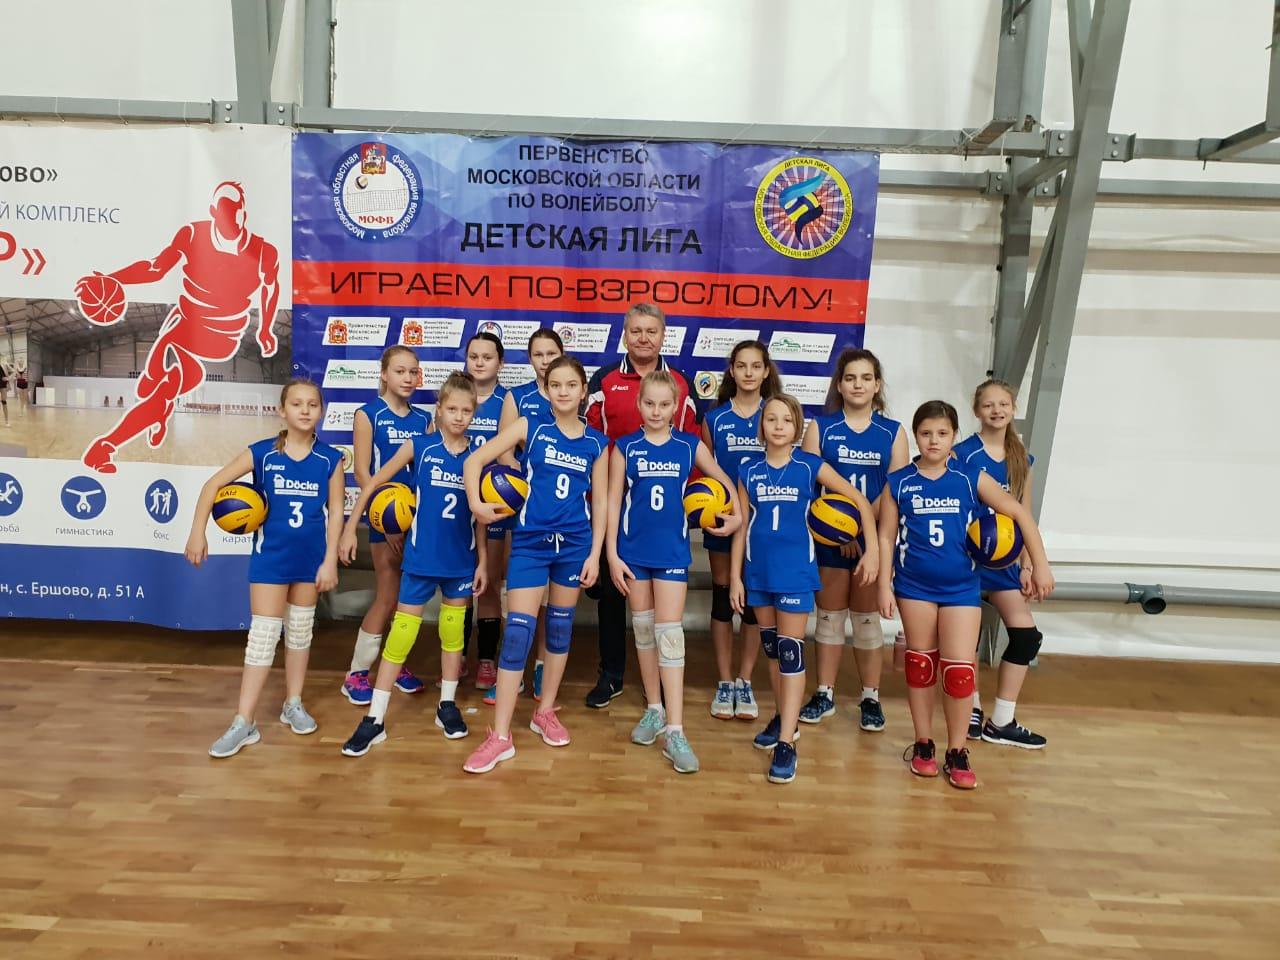 1 этап Первенства МО по волейболу Детская лига ср еди девушек 2007-2008 г.р.